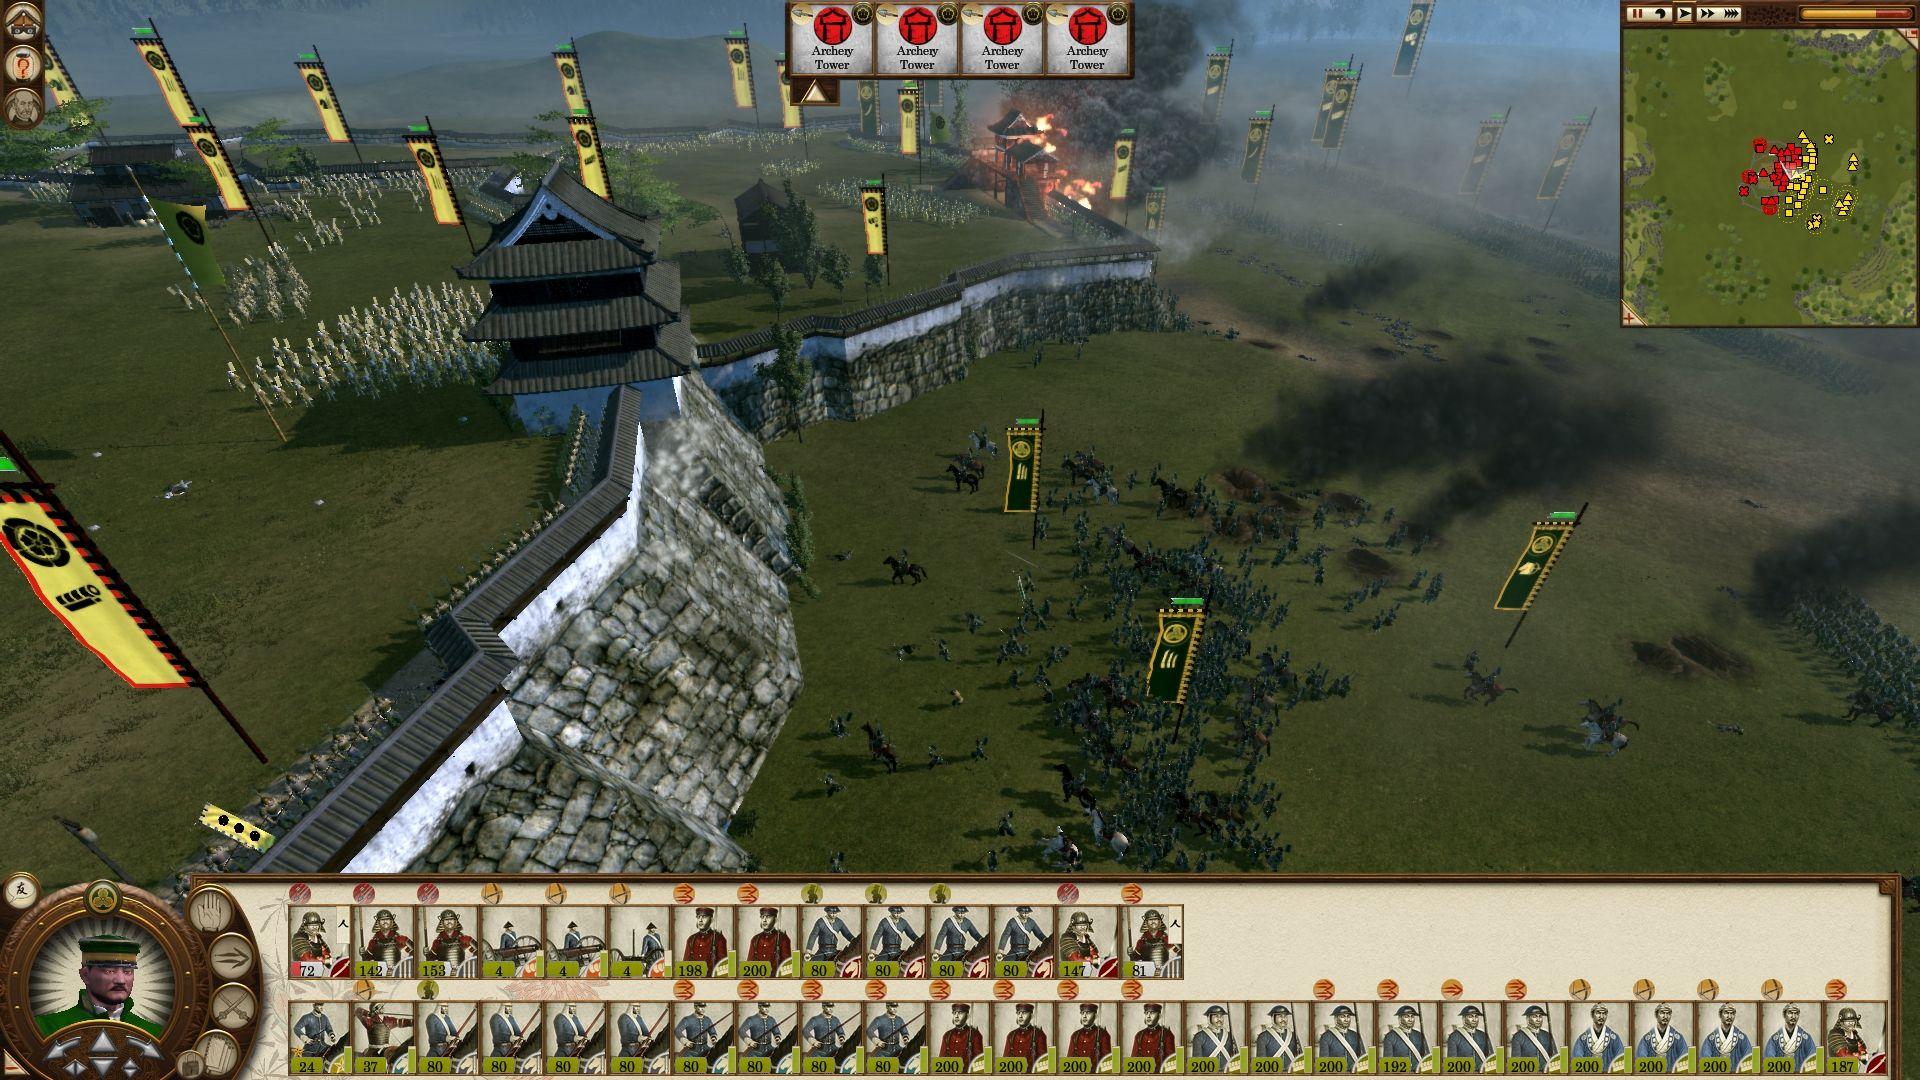 Datum vydání datadisku Shogun 2: Fall of the Samurai 59634